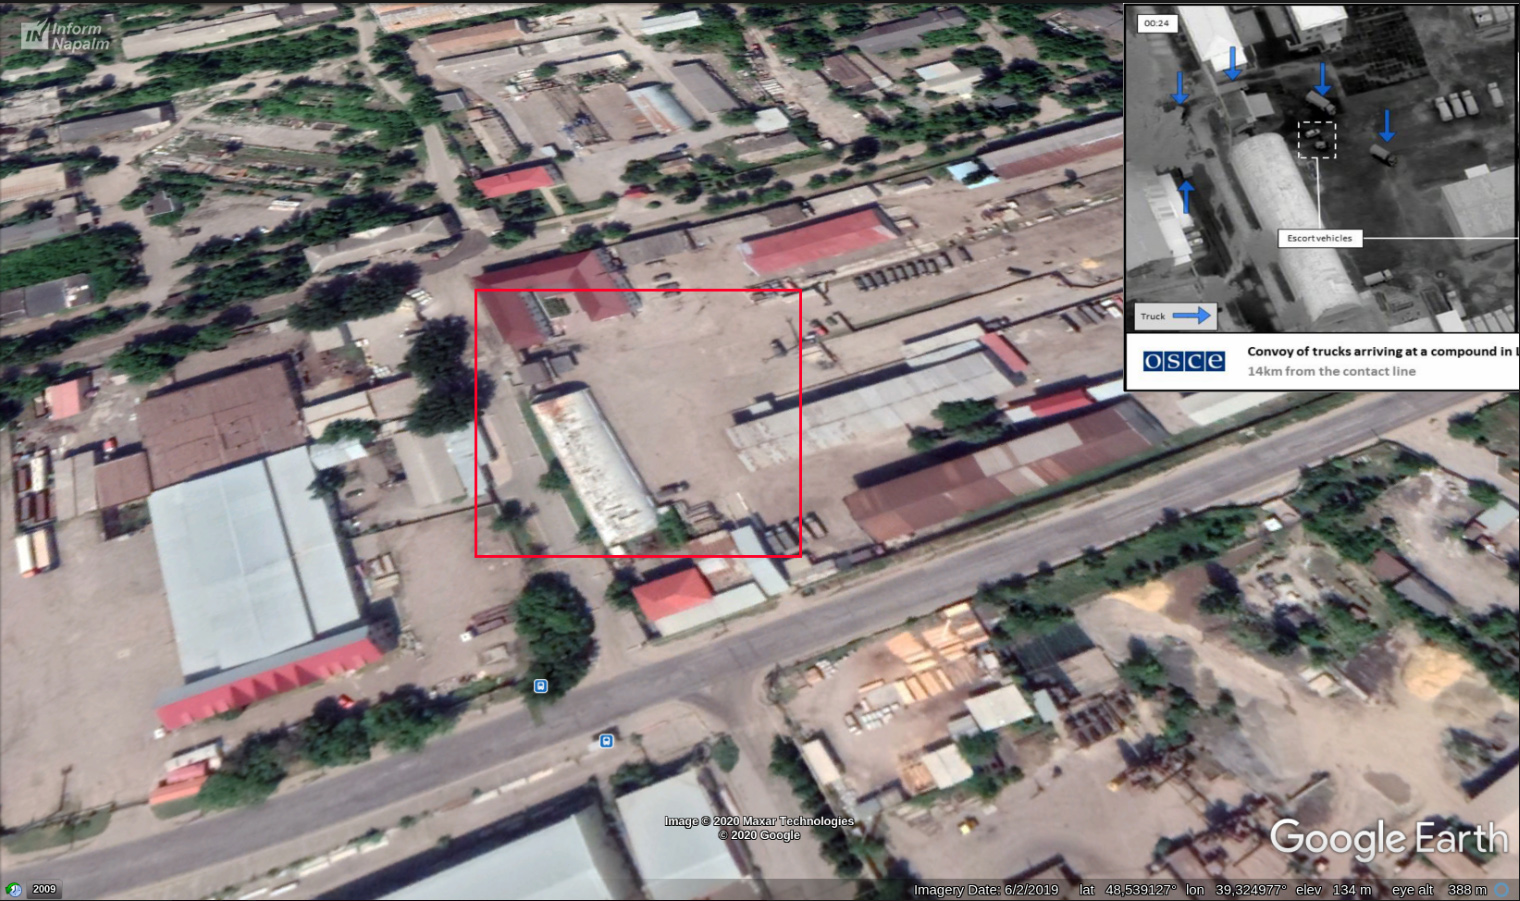 Rusiya Şərqi Ukraynanın Luhansk şəhərində hərbi texnikalar gətirir